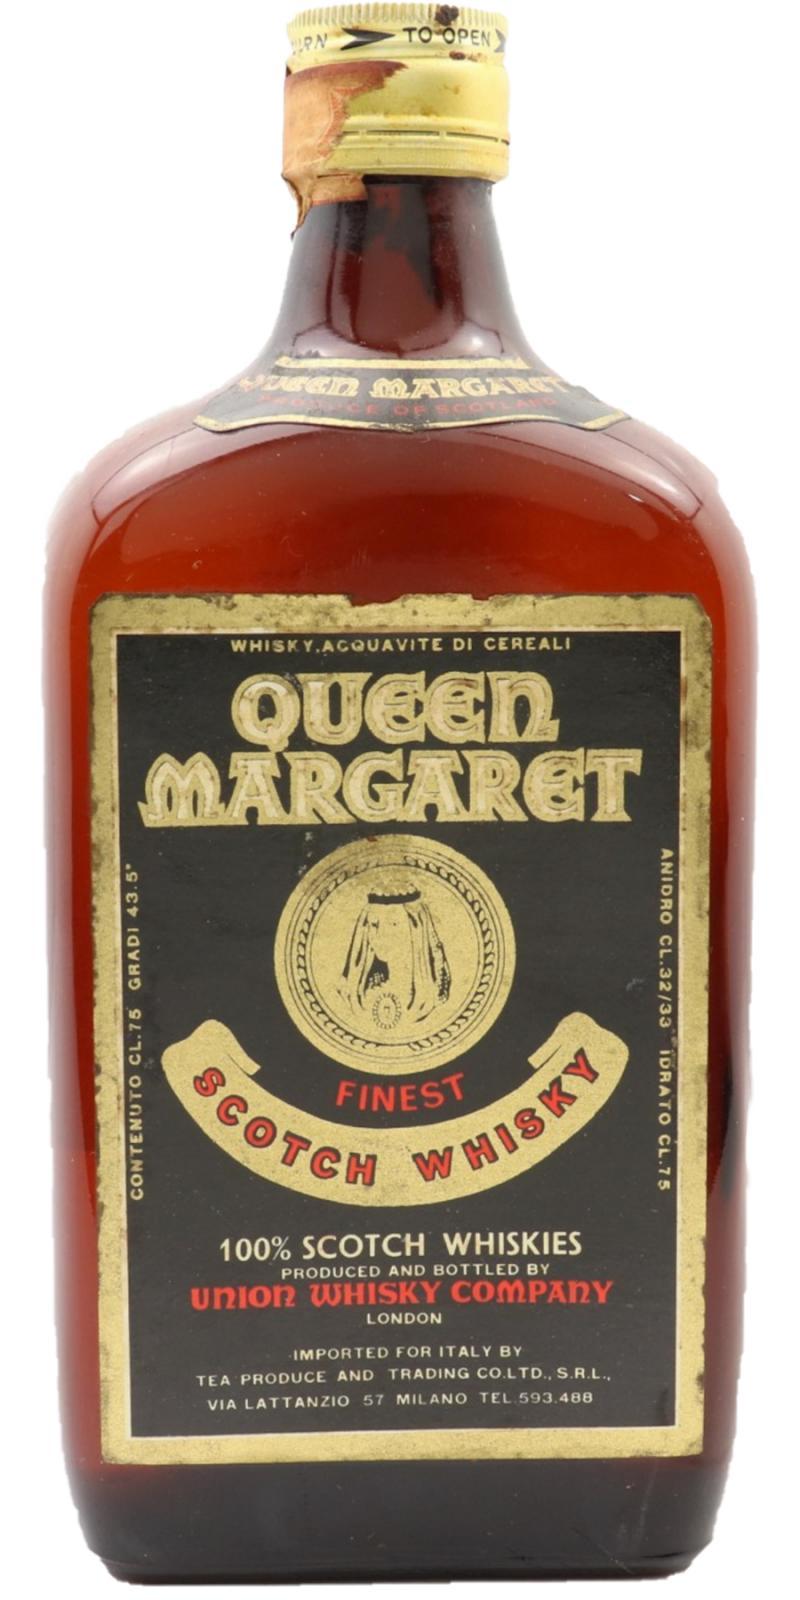 Queen Margaret Finest Scotch Whisky